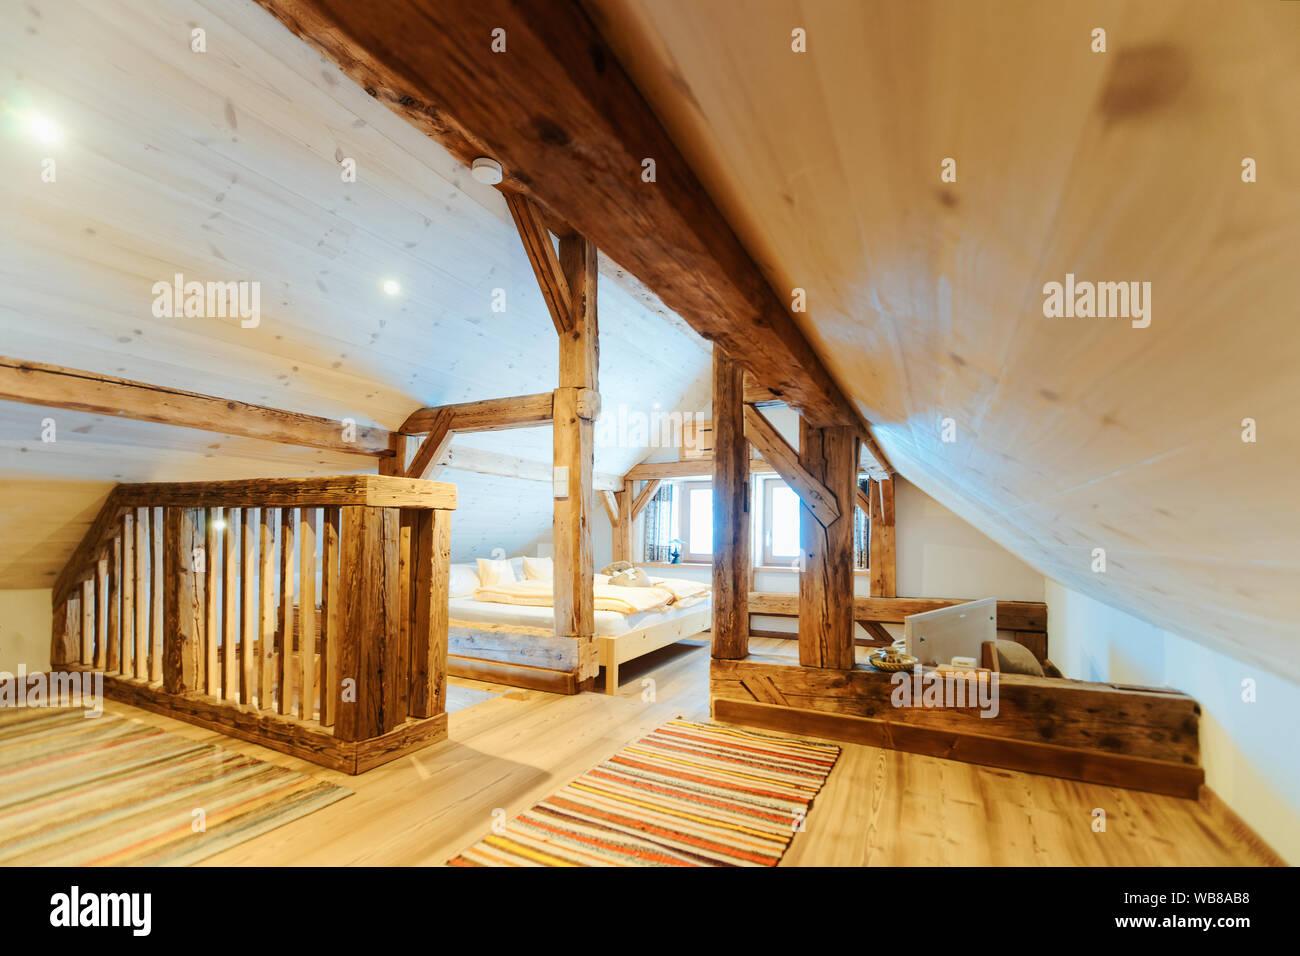 Interior Of Bedroom In Loft Modern Design Of Loft Wooden